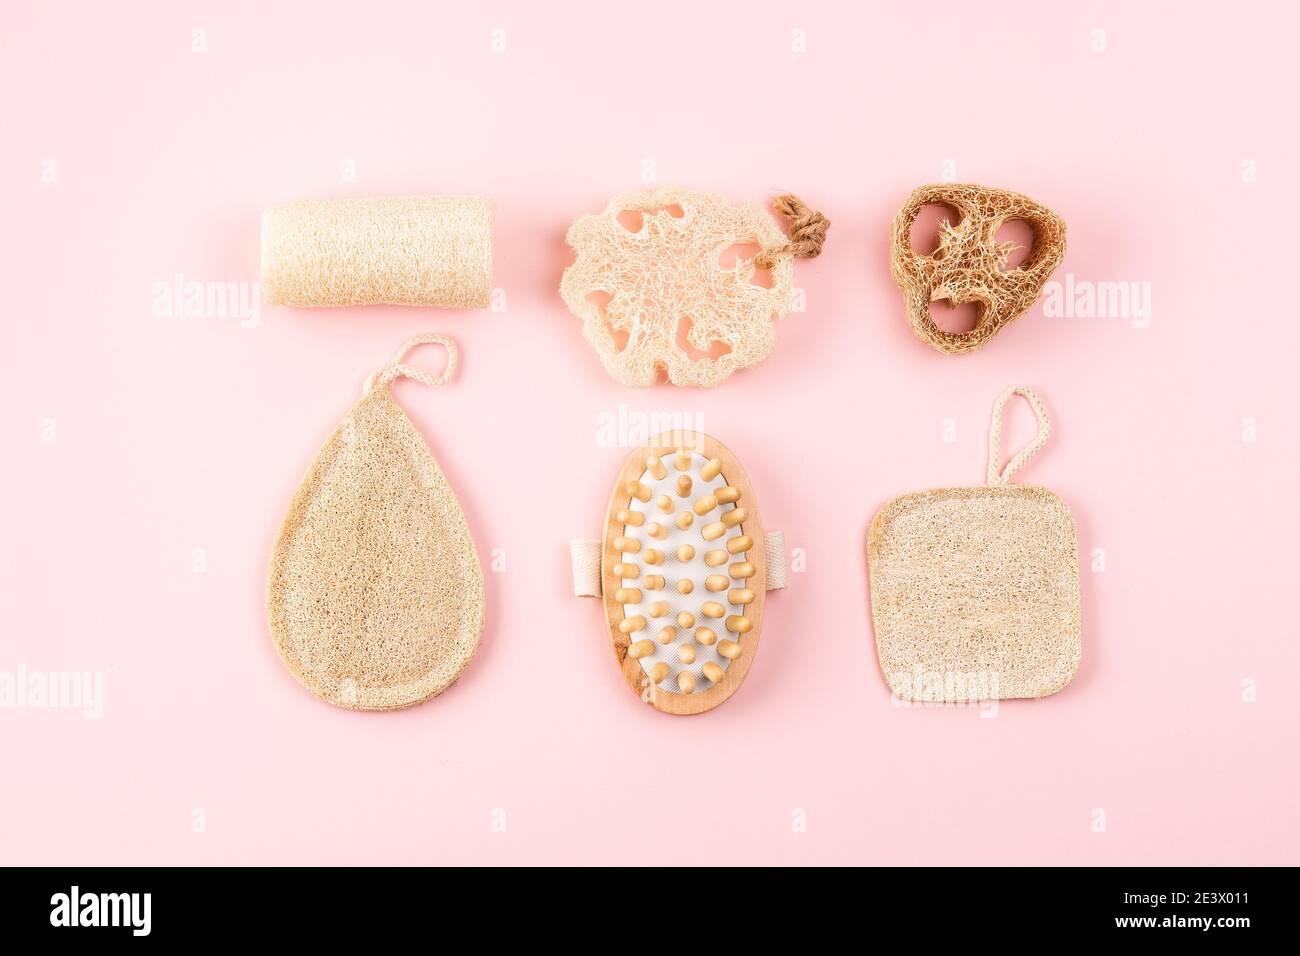 Bad-Accessoires, Naturlöffelschwamm, Holzbürste auf rosa Hintergrund. Zero Waste und plastikfreies Konzept, nachhaltiges Bad und Lifestyle Stockfoto